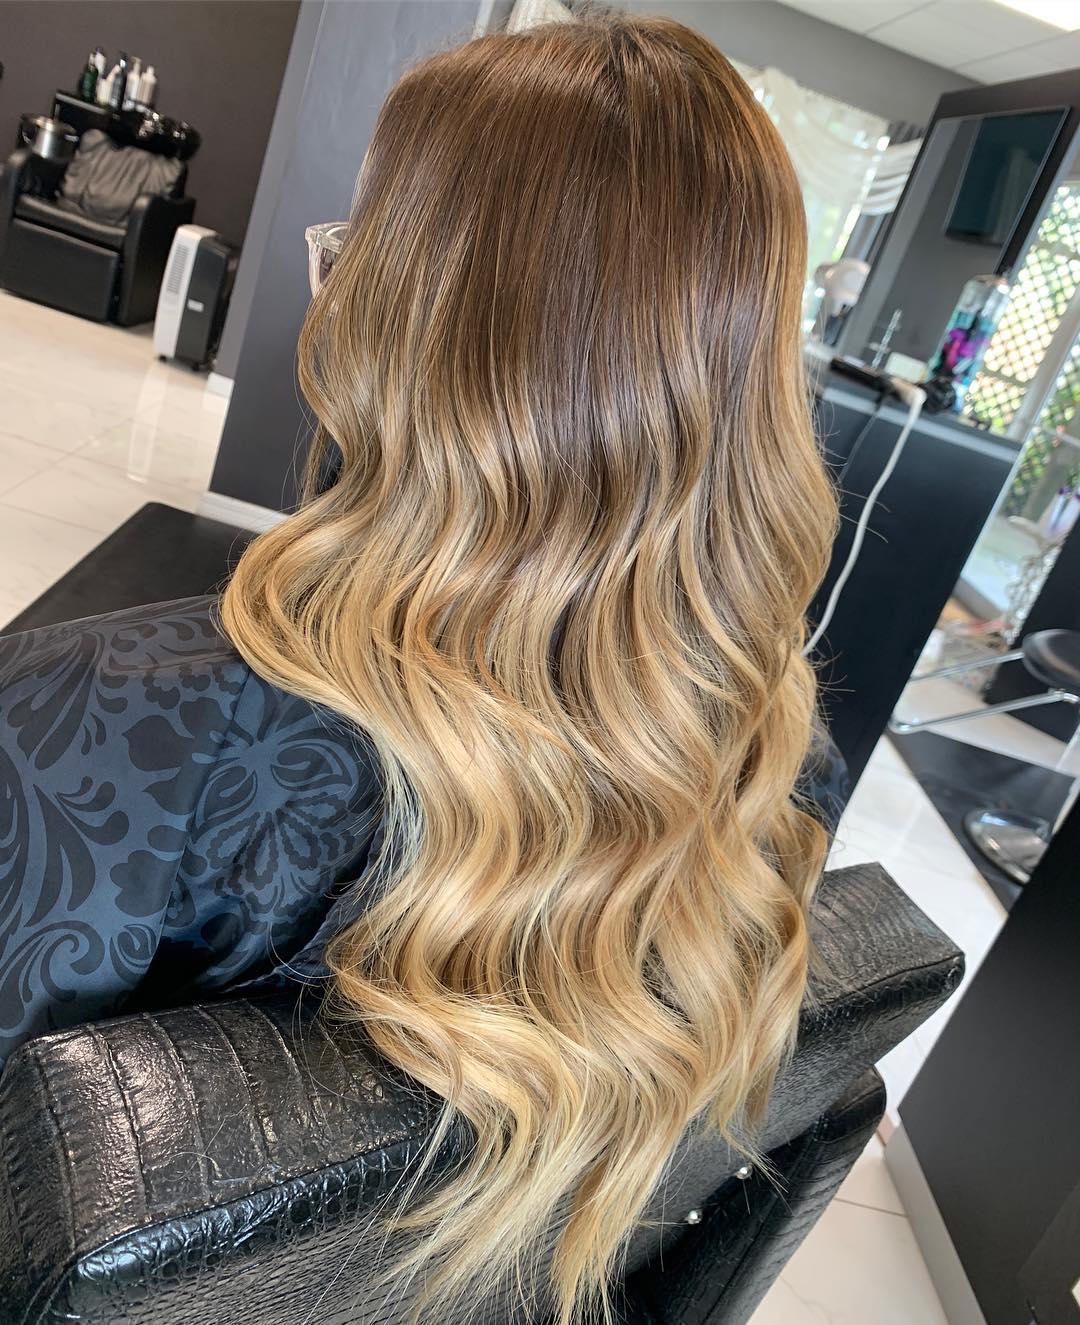 hair we love february 11th - 17th 2019